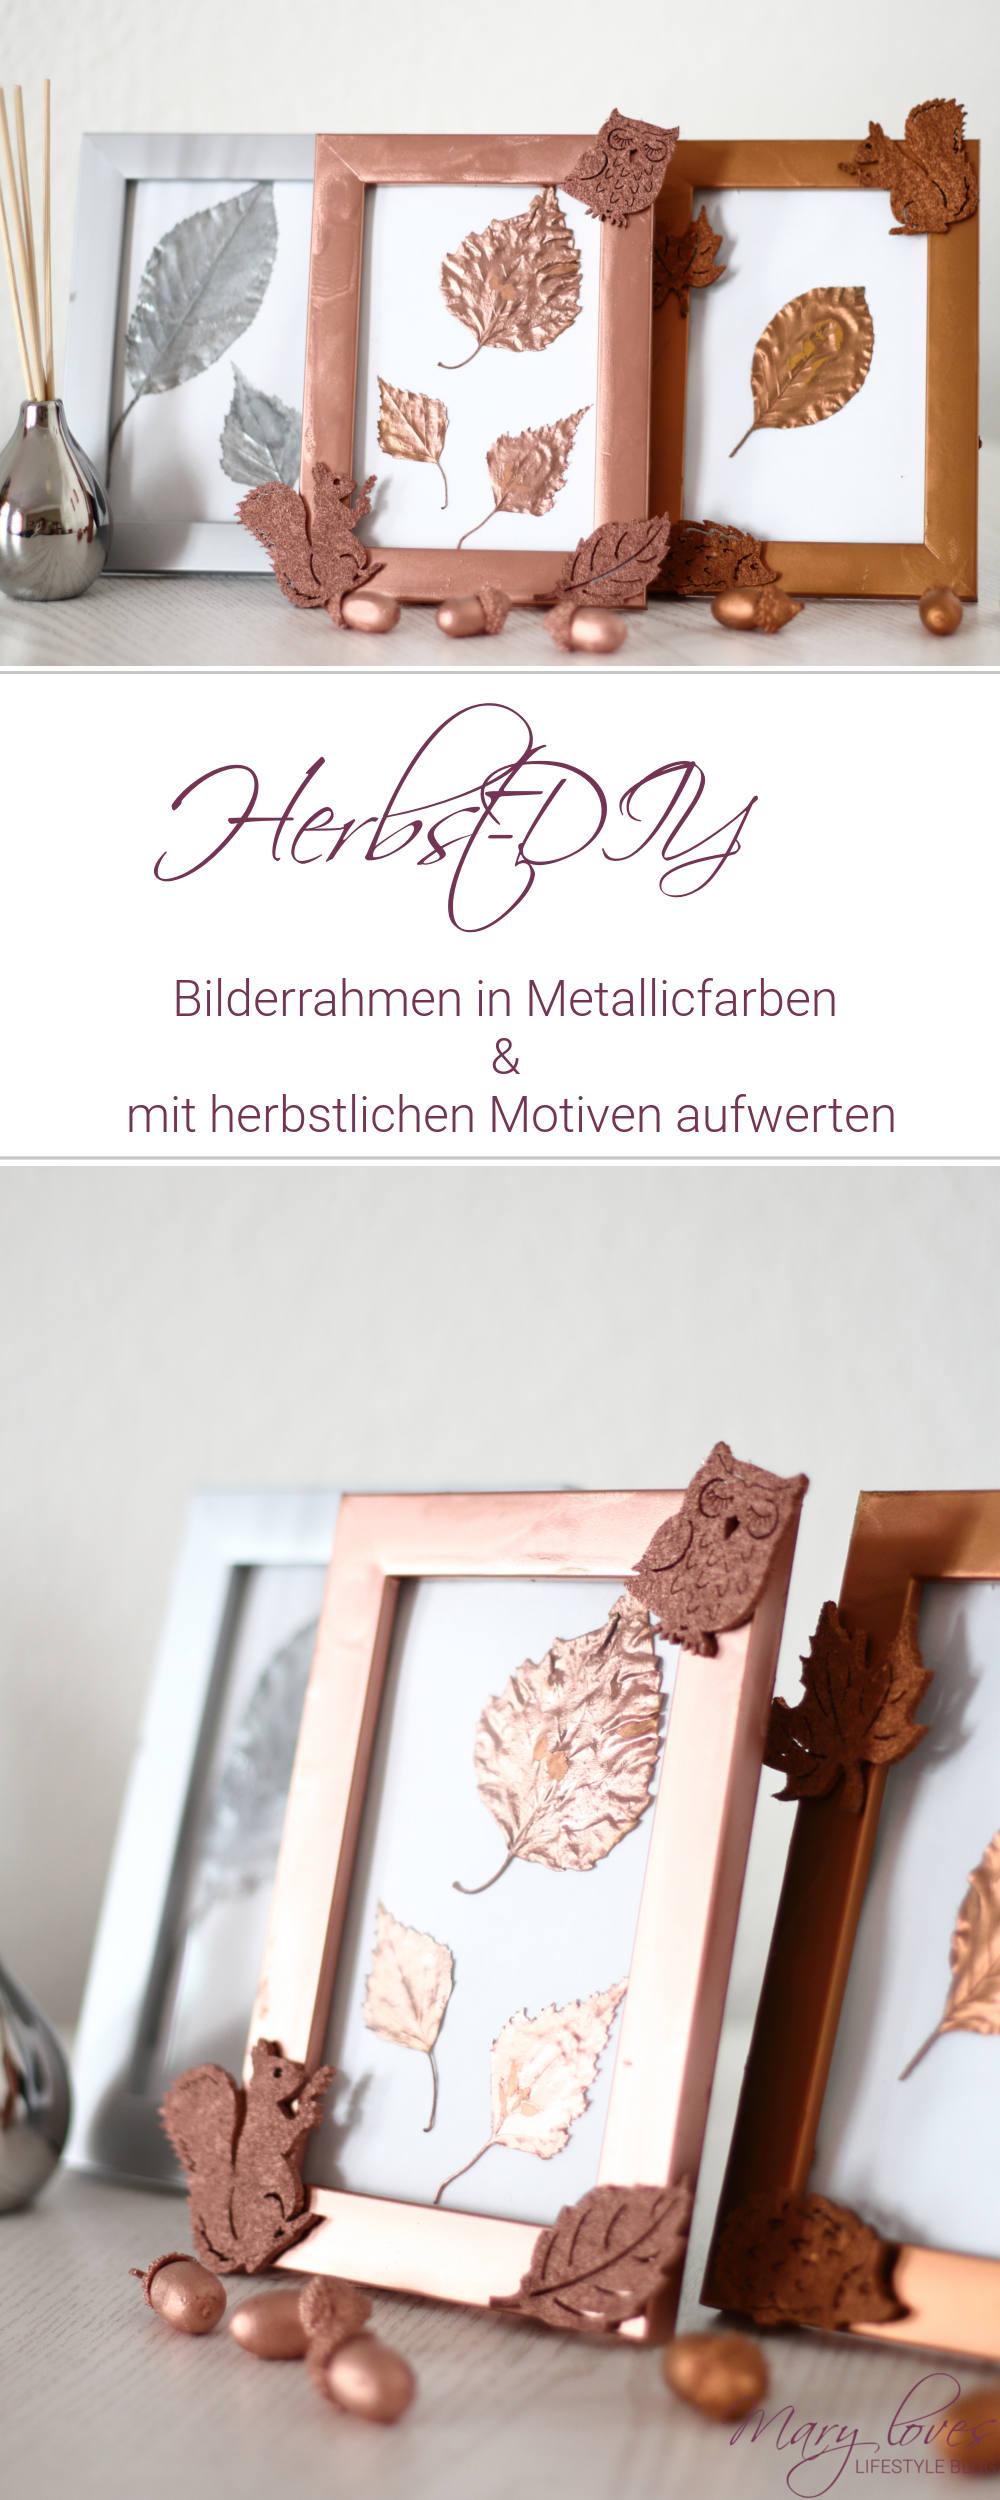 [Herbst-DIY] Bilderrahmen in Metallicfarben und mit herbstlichen Motiven aufwerten #herbstdiy #upcycling #herbstdeko #metallics